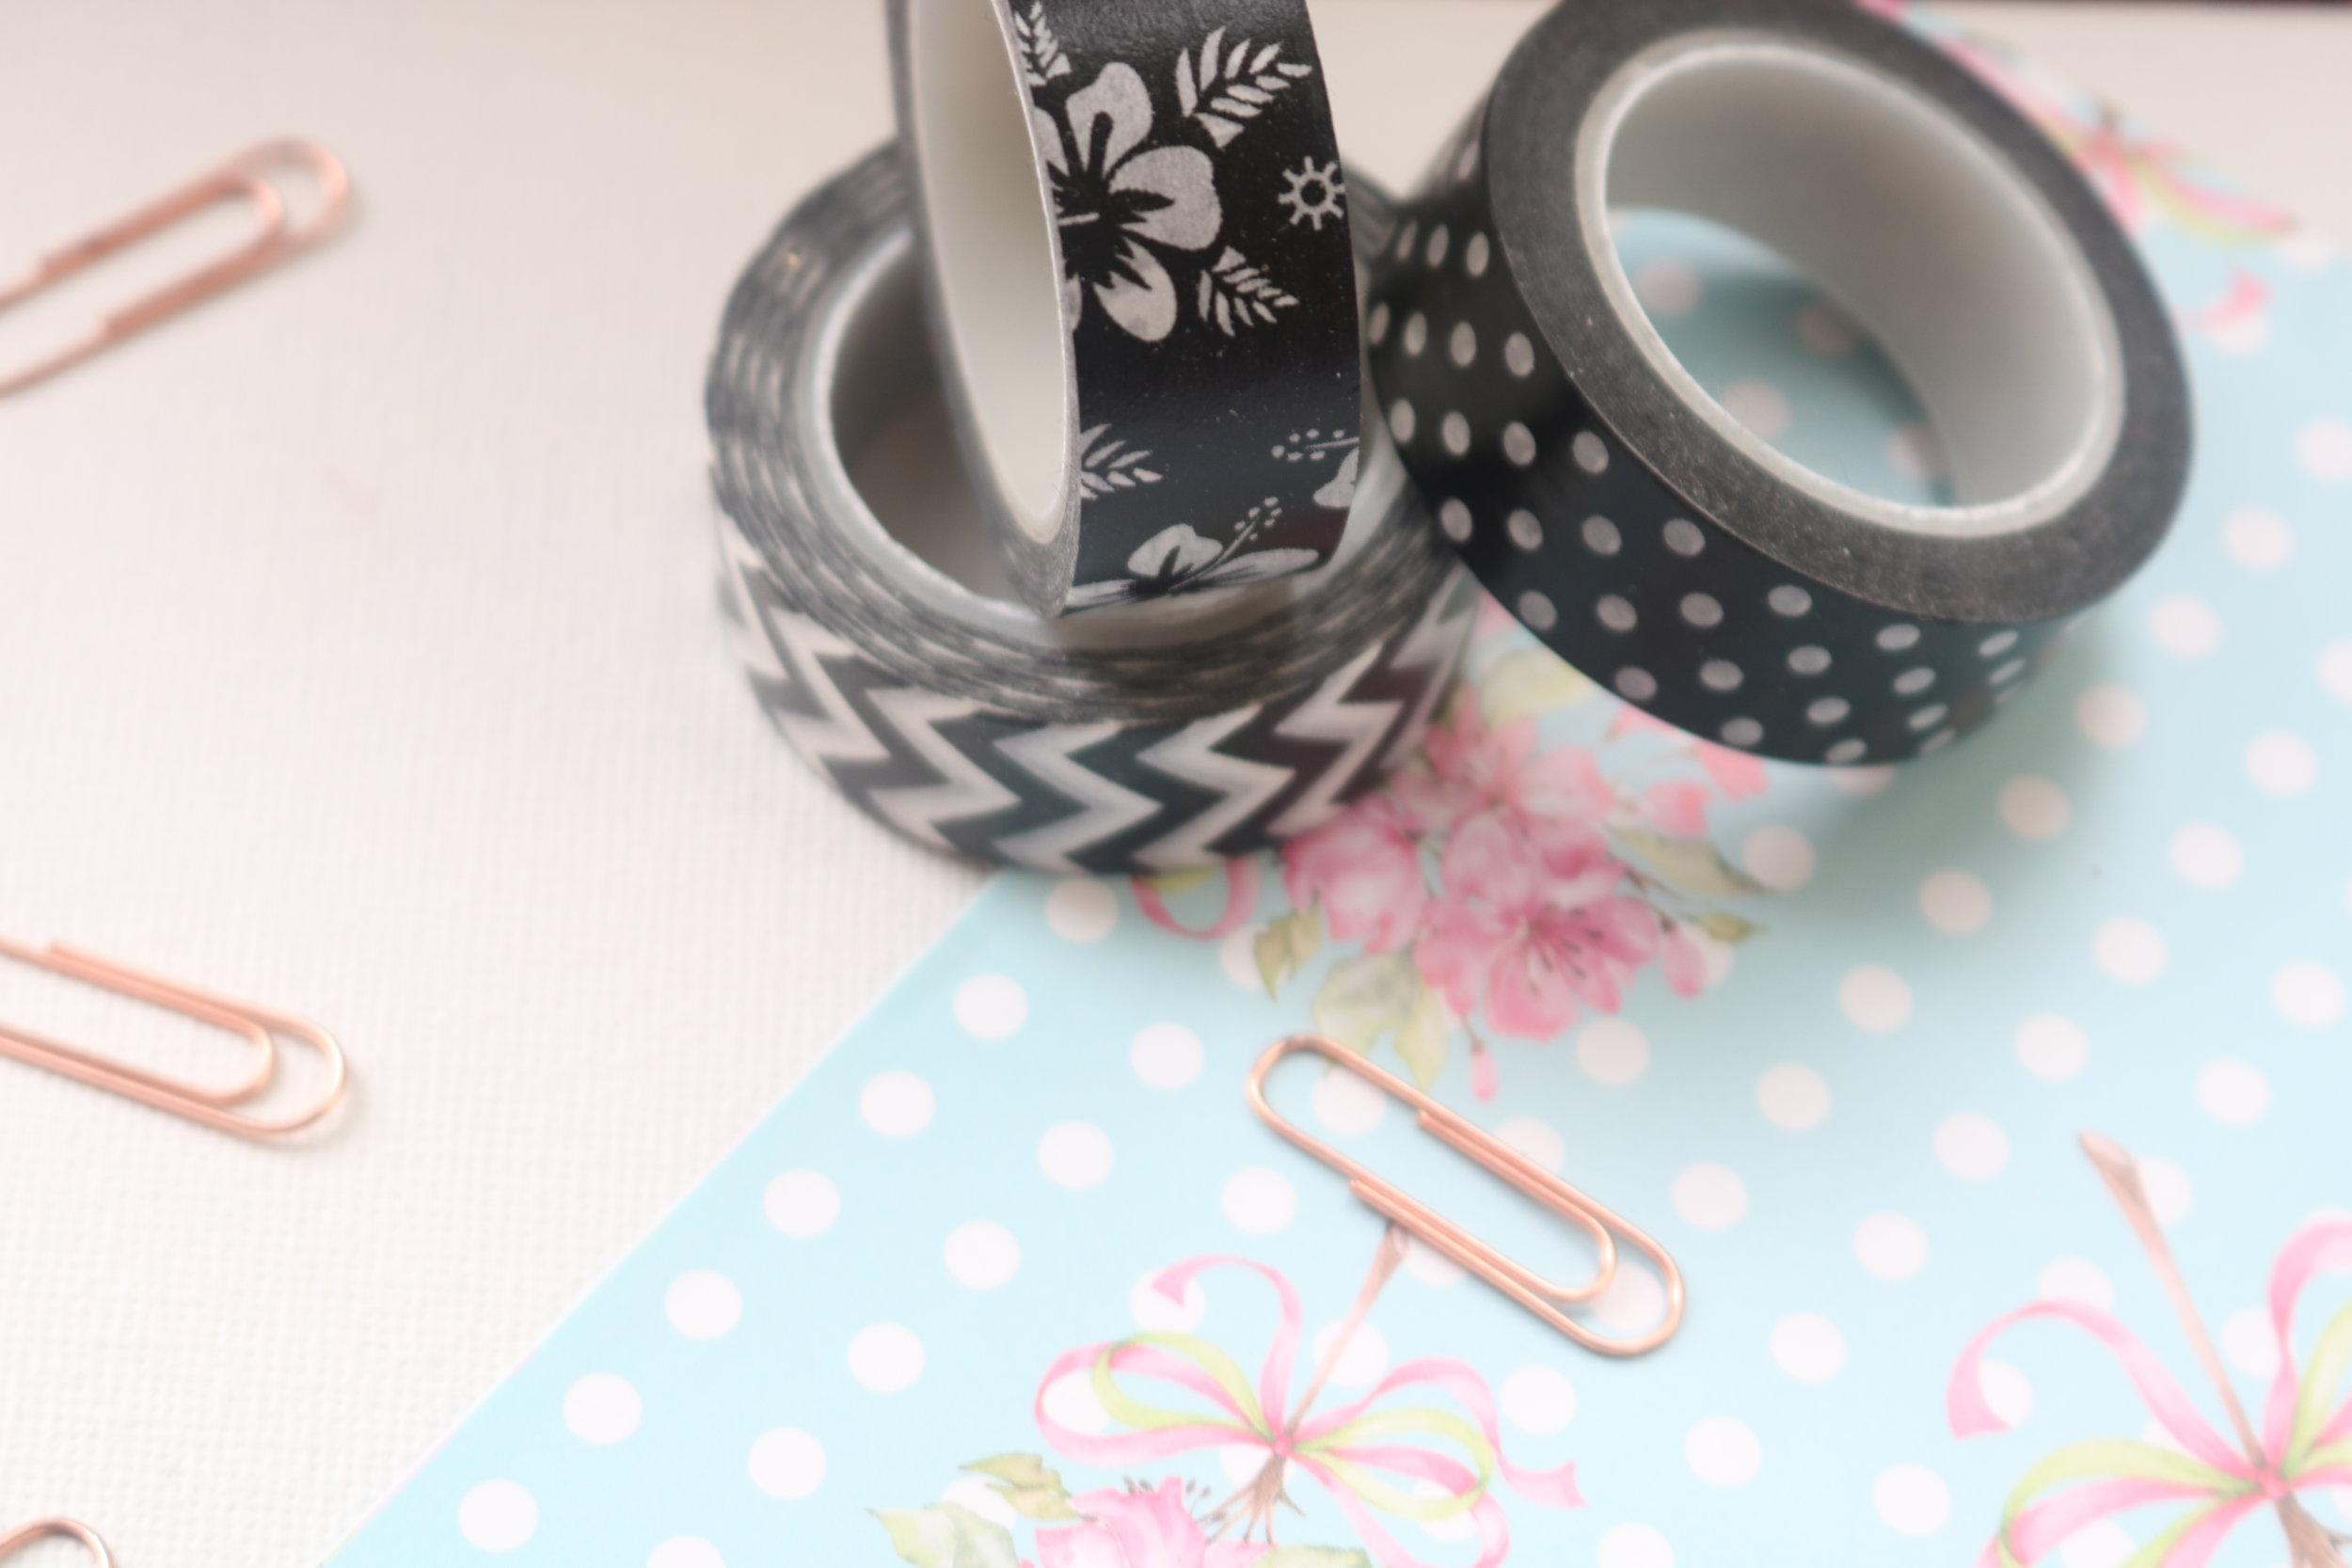 washi tape use